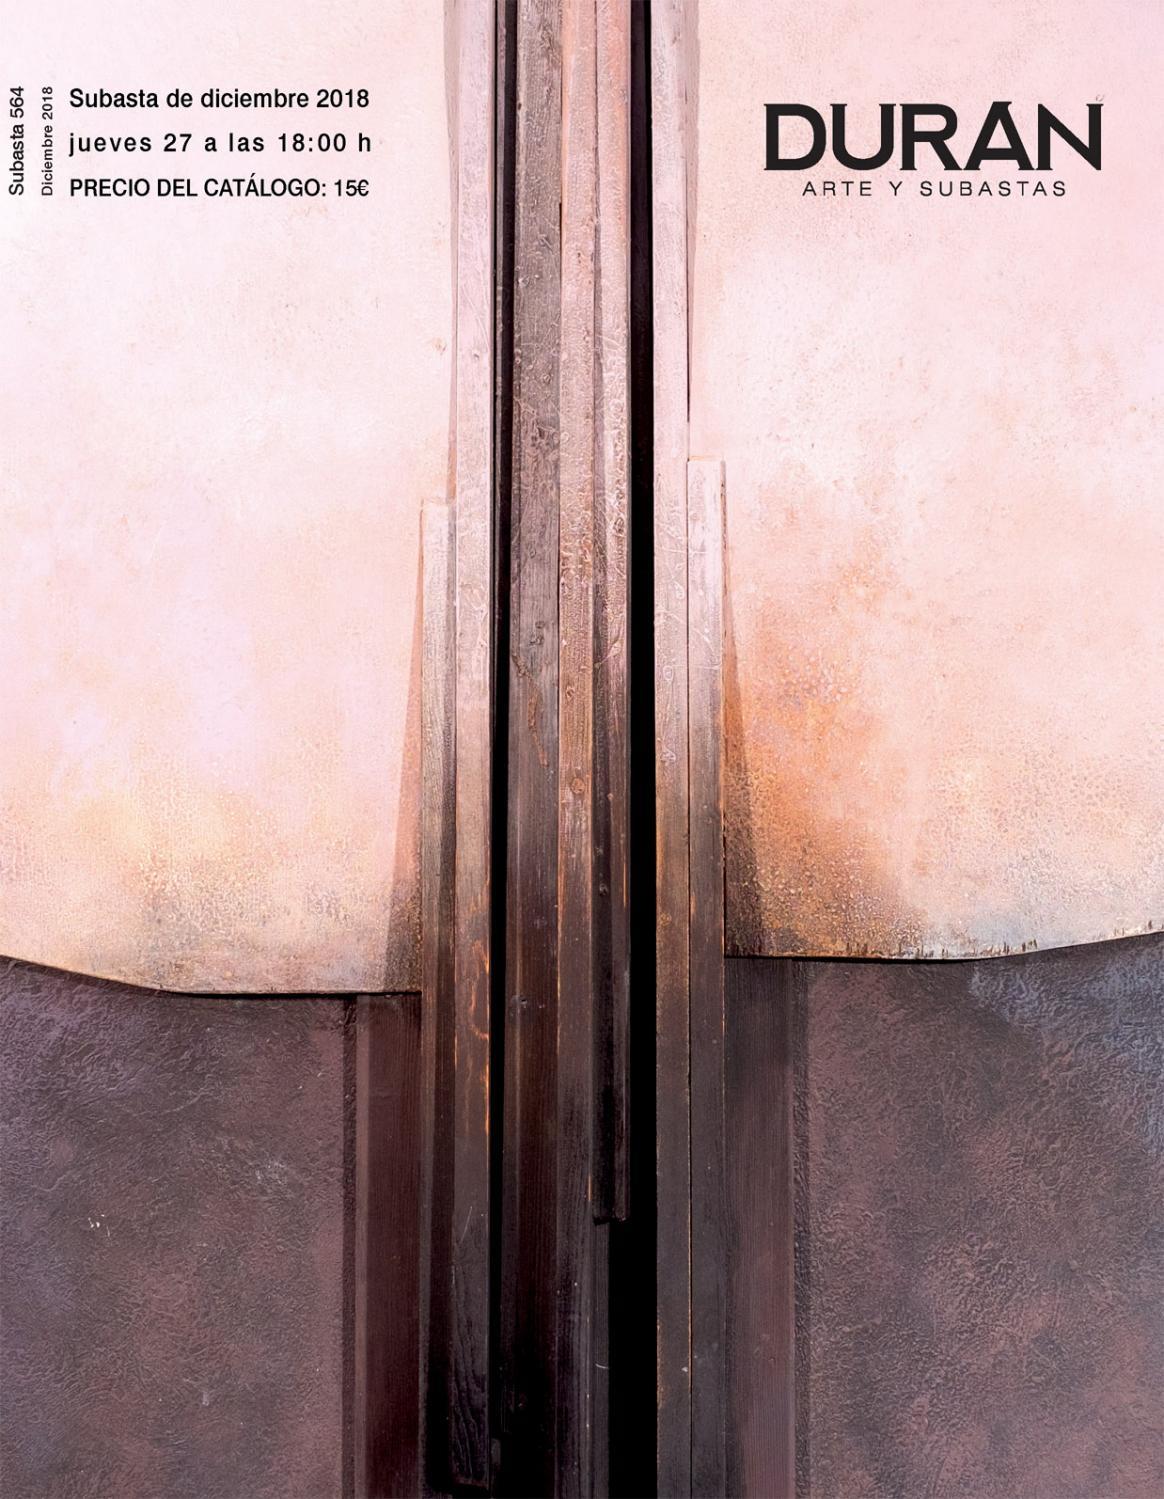 e48b4fe3693e DURAN SUBASTAS DICIEMBRE 2018 ARTE by Consuelo Duran - issuu